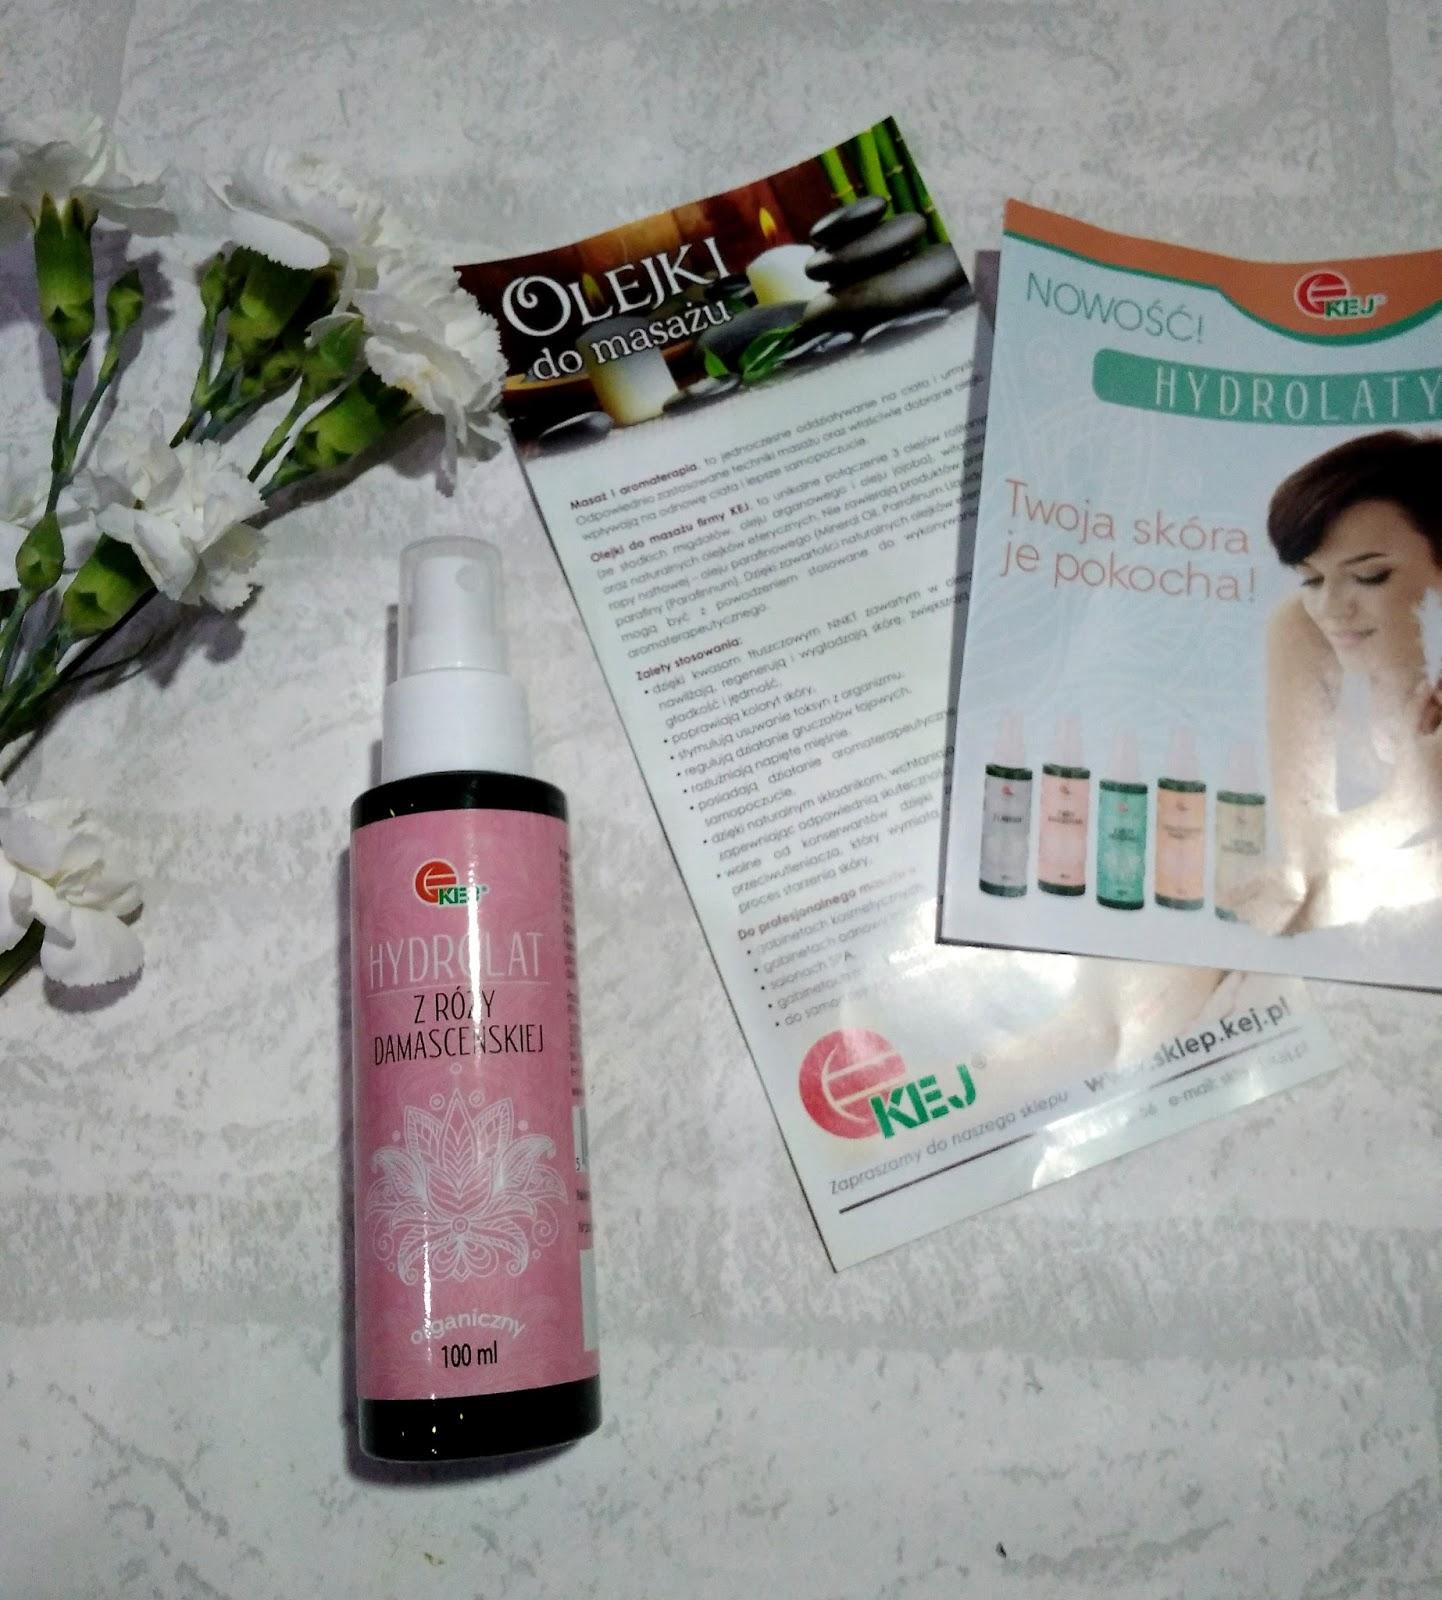 Hydrolat z róży damasceńskiej marki Kej - ulubieniec wśród toników